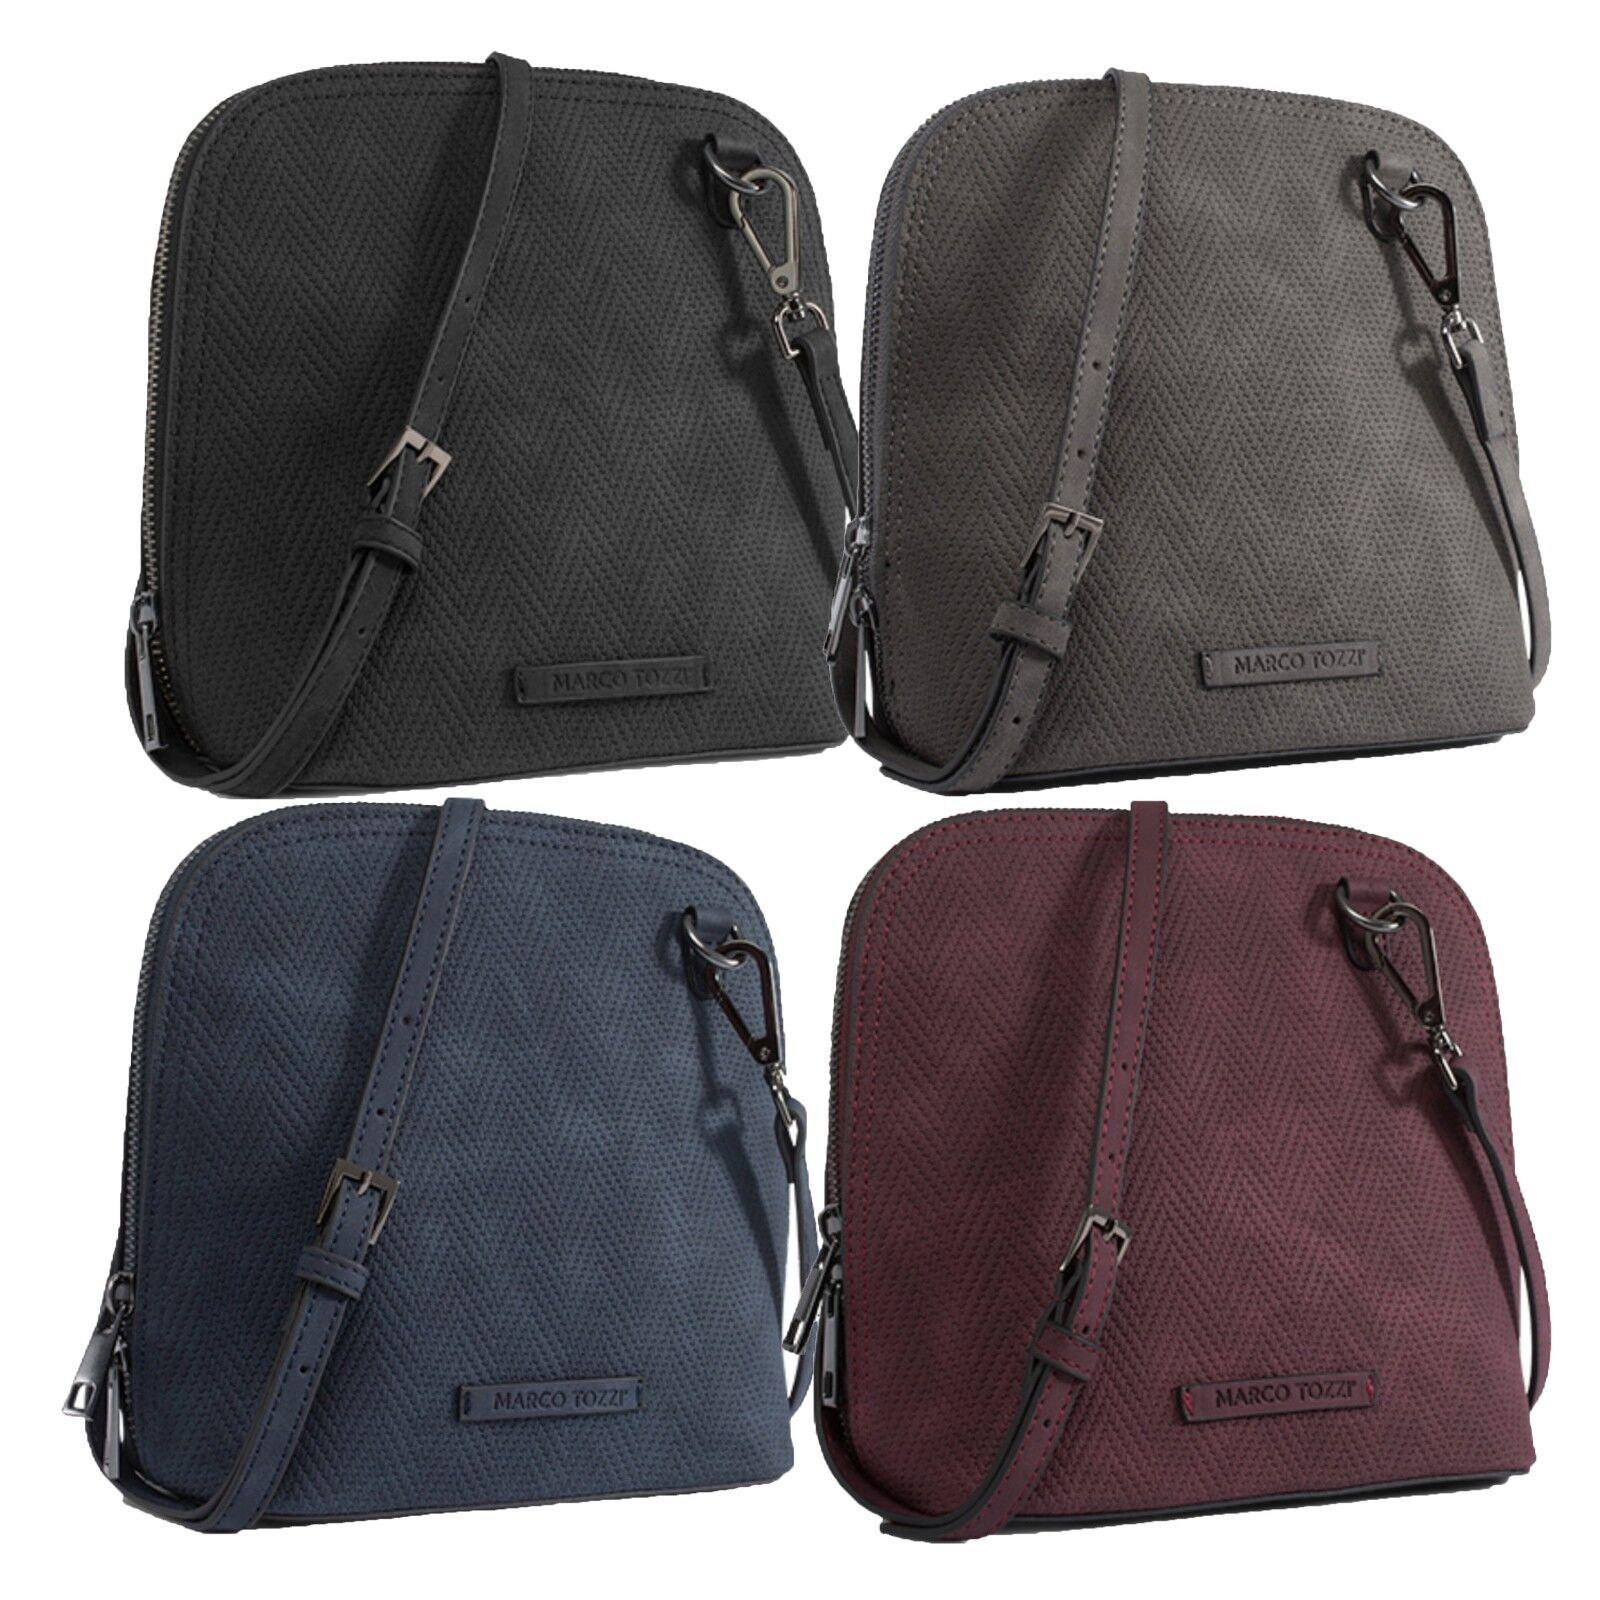 Marco Tozzi Handtasche Schultertasche Tasche schwarz braun bordeaux blau 61106